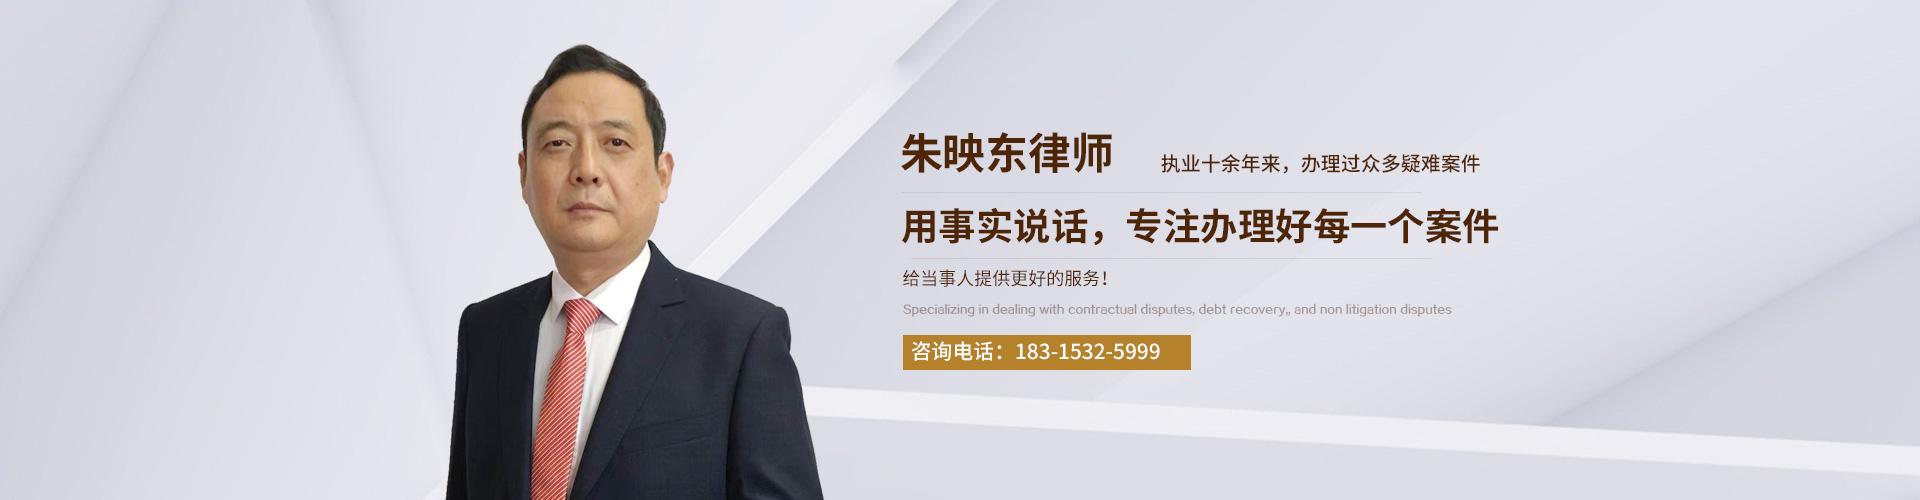 安徽朱映东律师